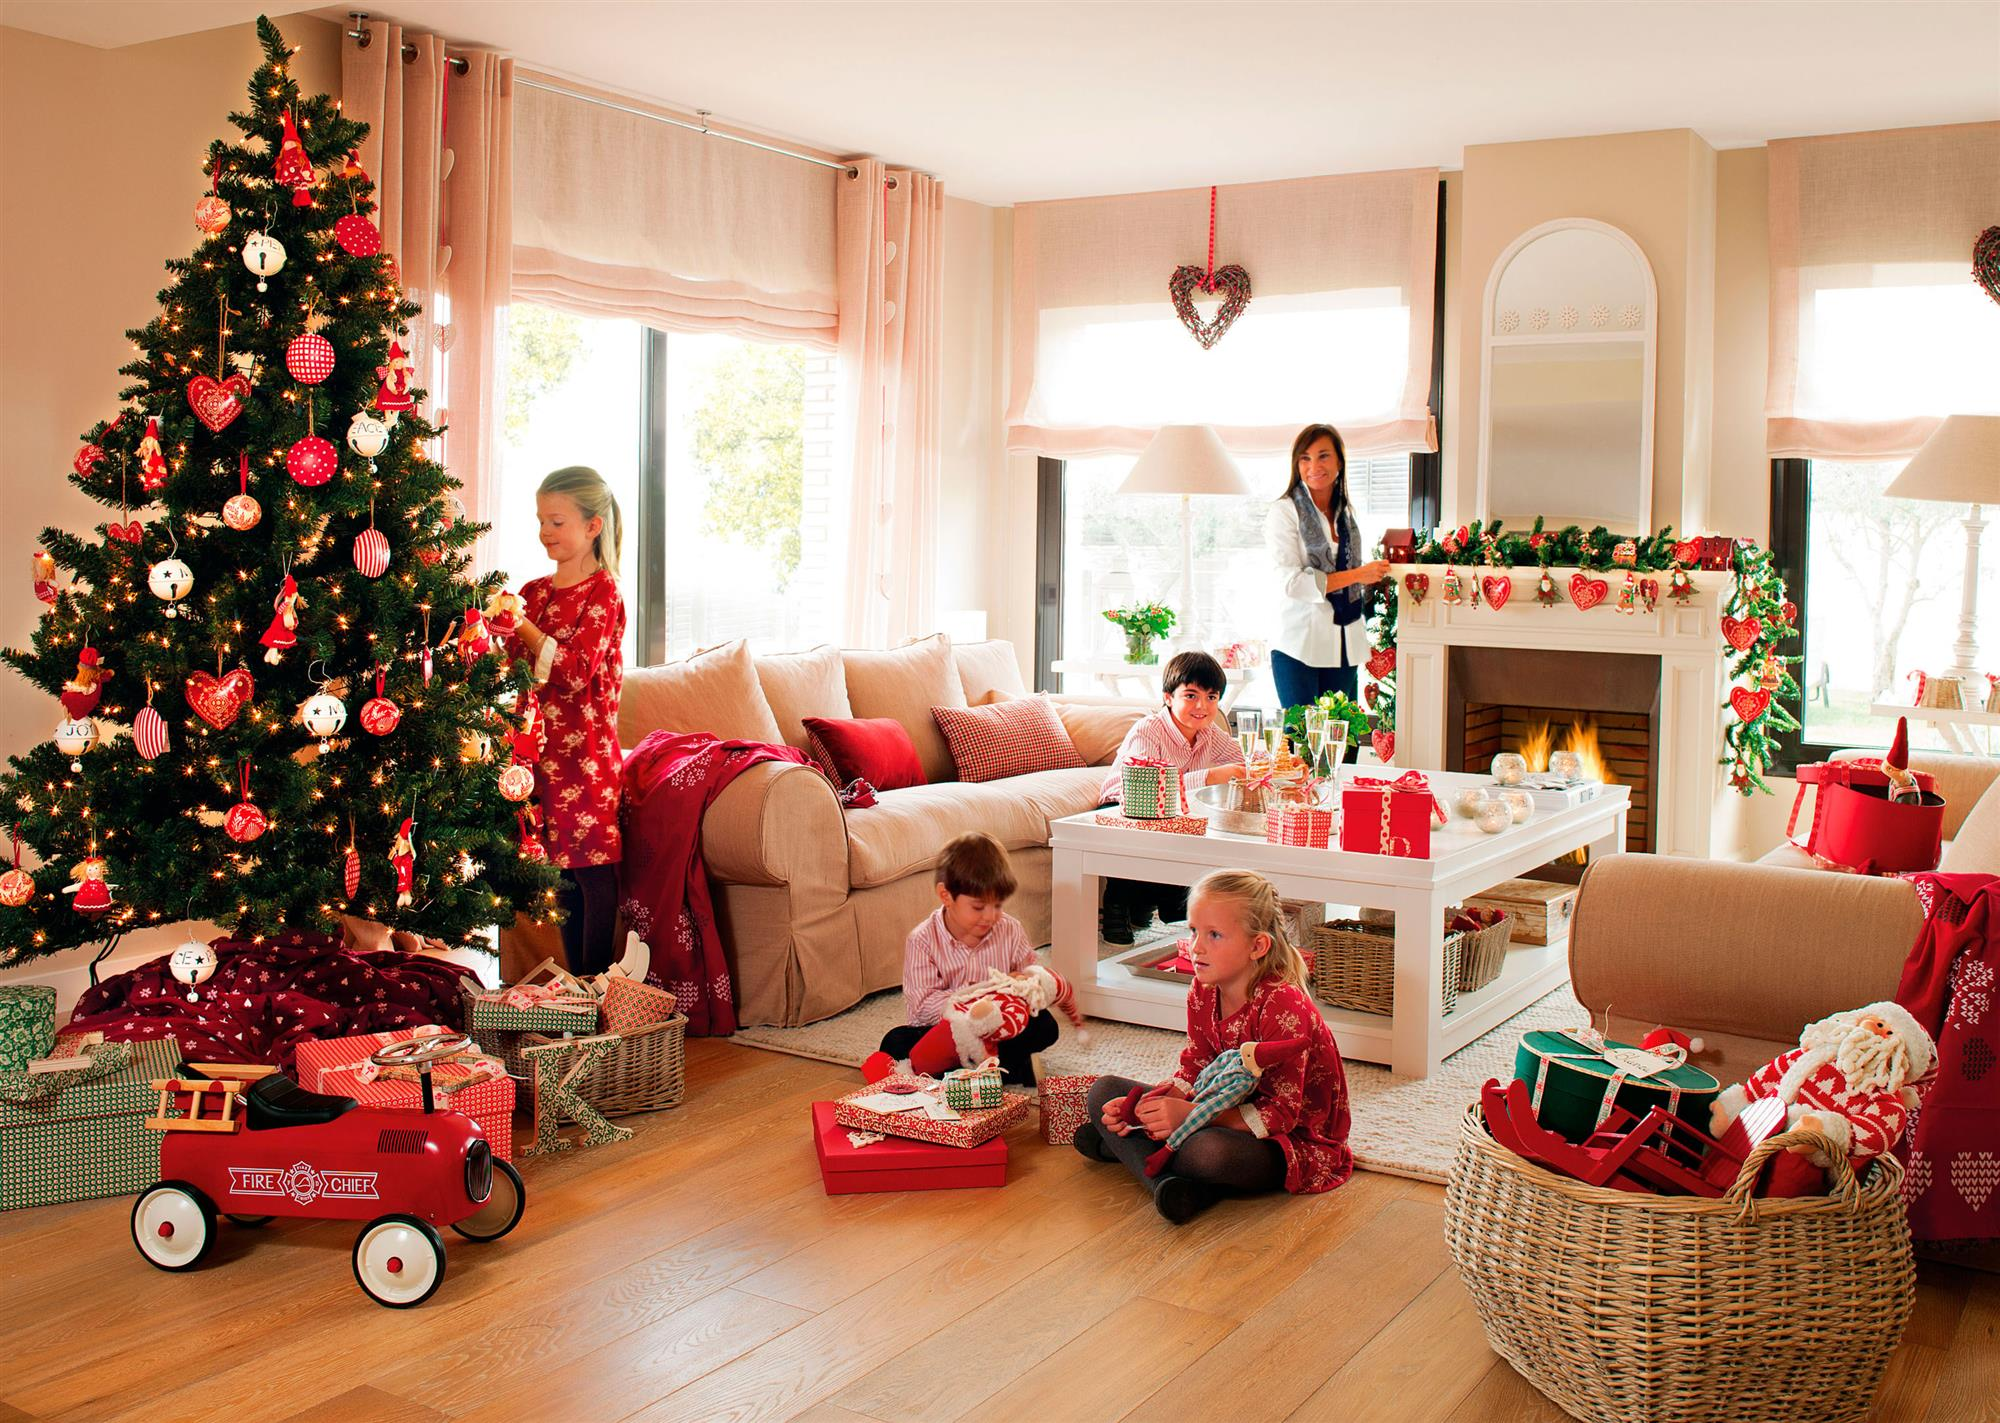 Casa decorada para navidad - Decoracion de navidad para ninos ...